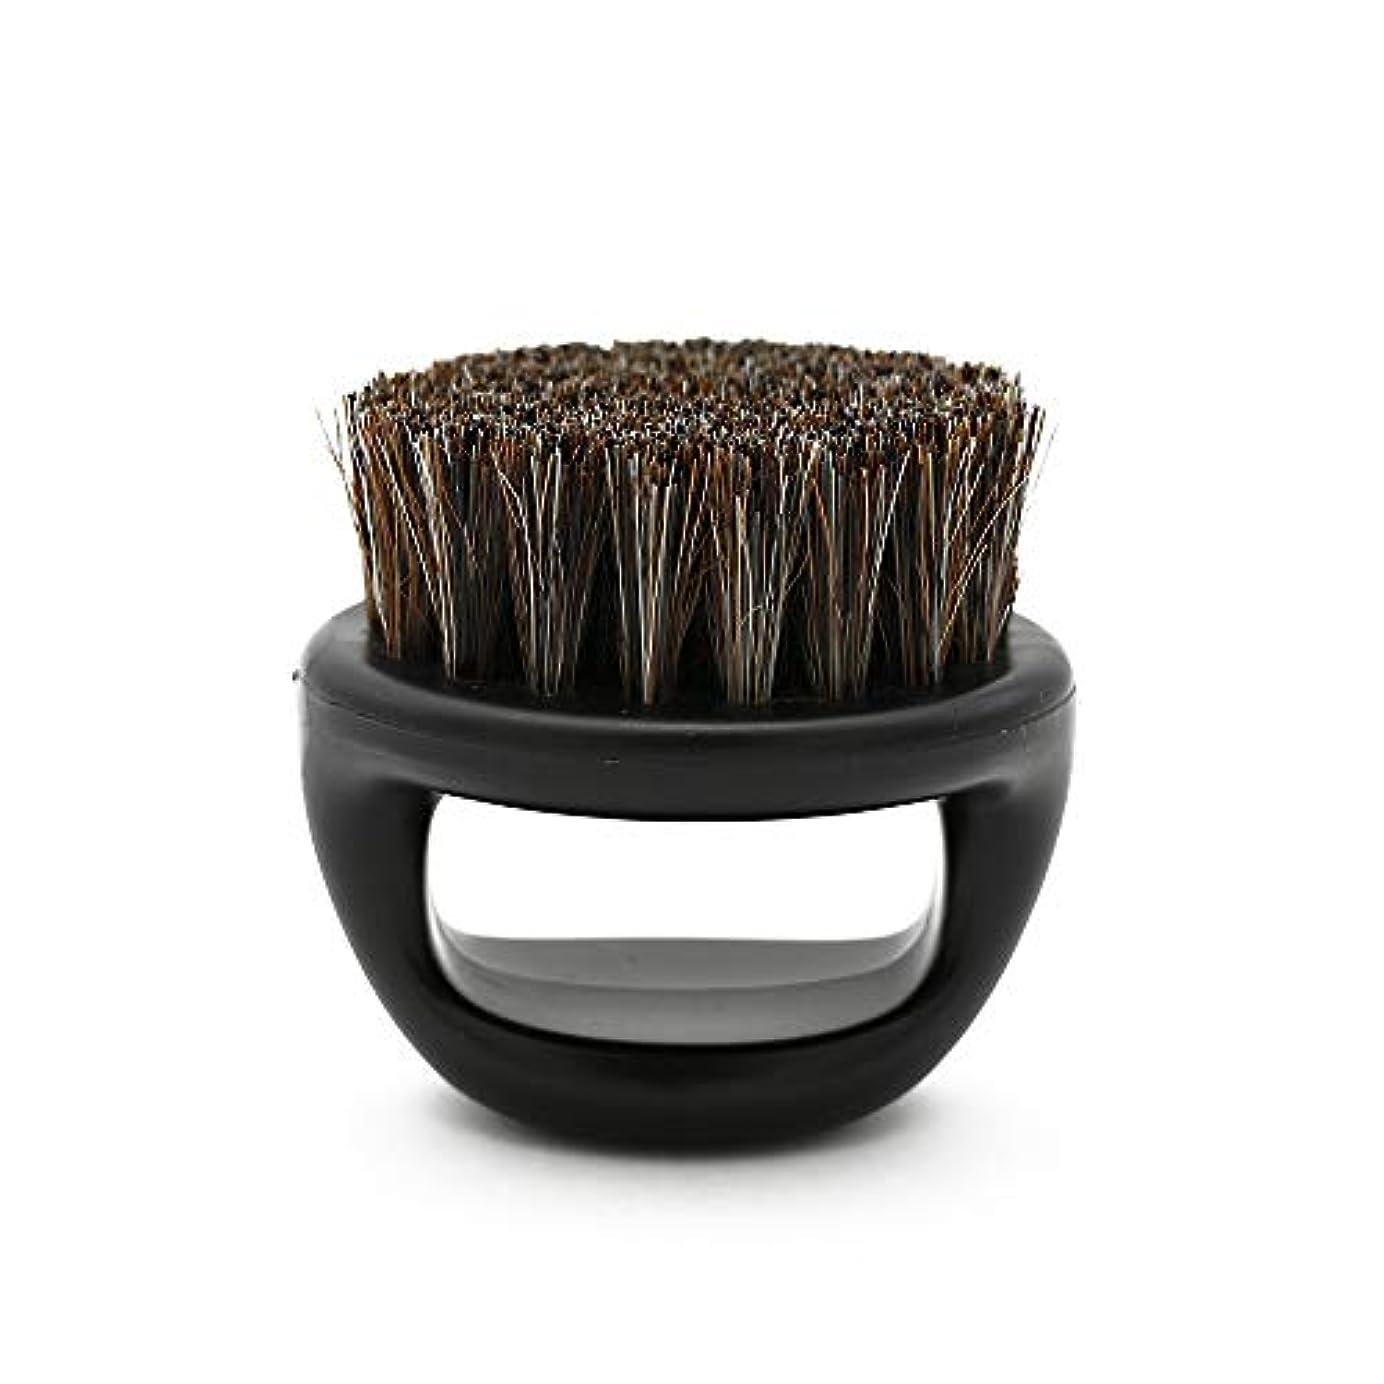 遺産報復する疎外するCUHAWUDBA 1個リングデザイン馬毛メンズシェービングブラシプラスチック製の可搬式理容ひげブラシサロンフェイスクリーニングかみそりブラシ(ブラック)